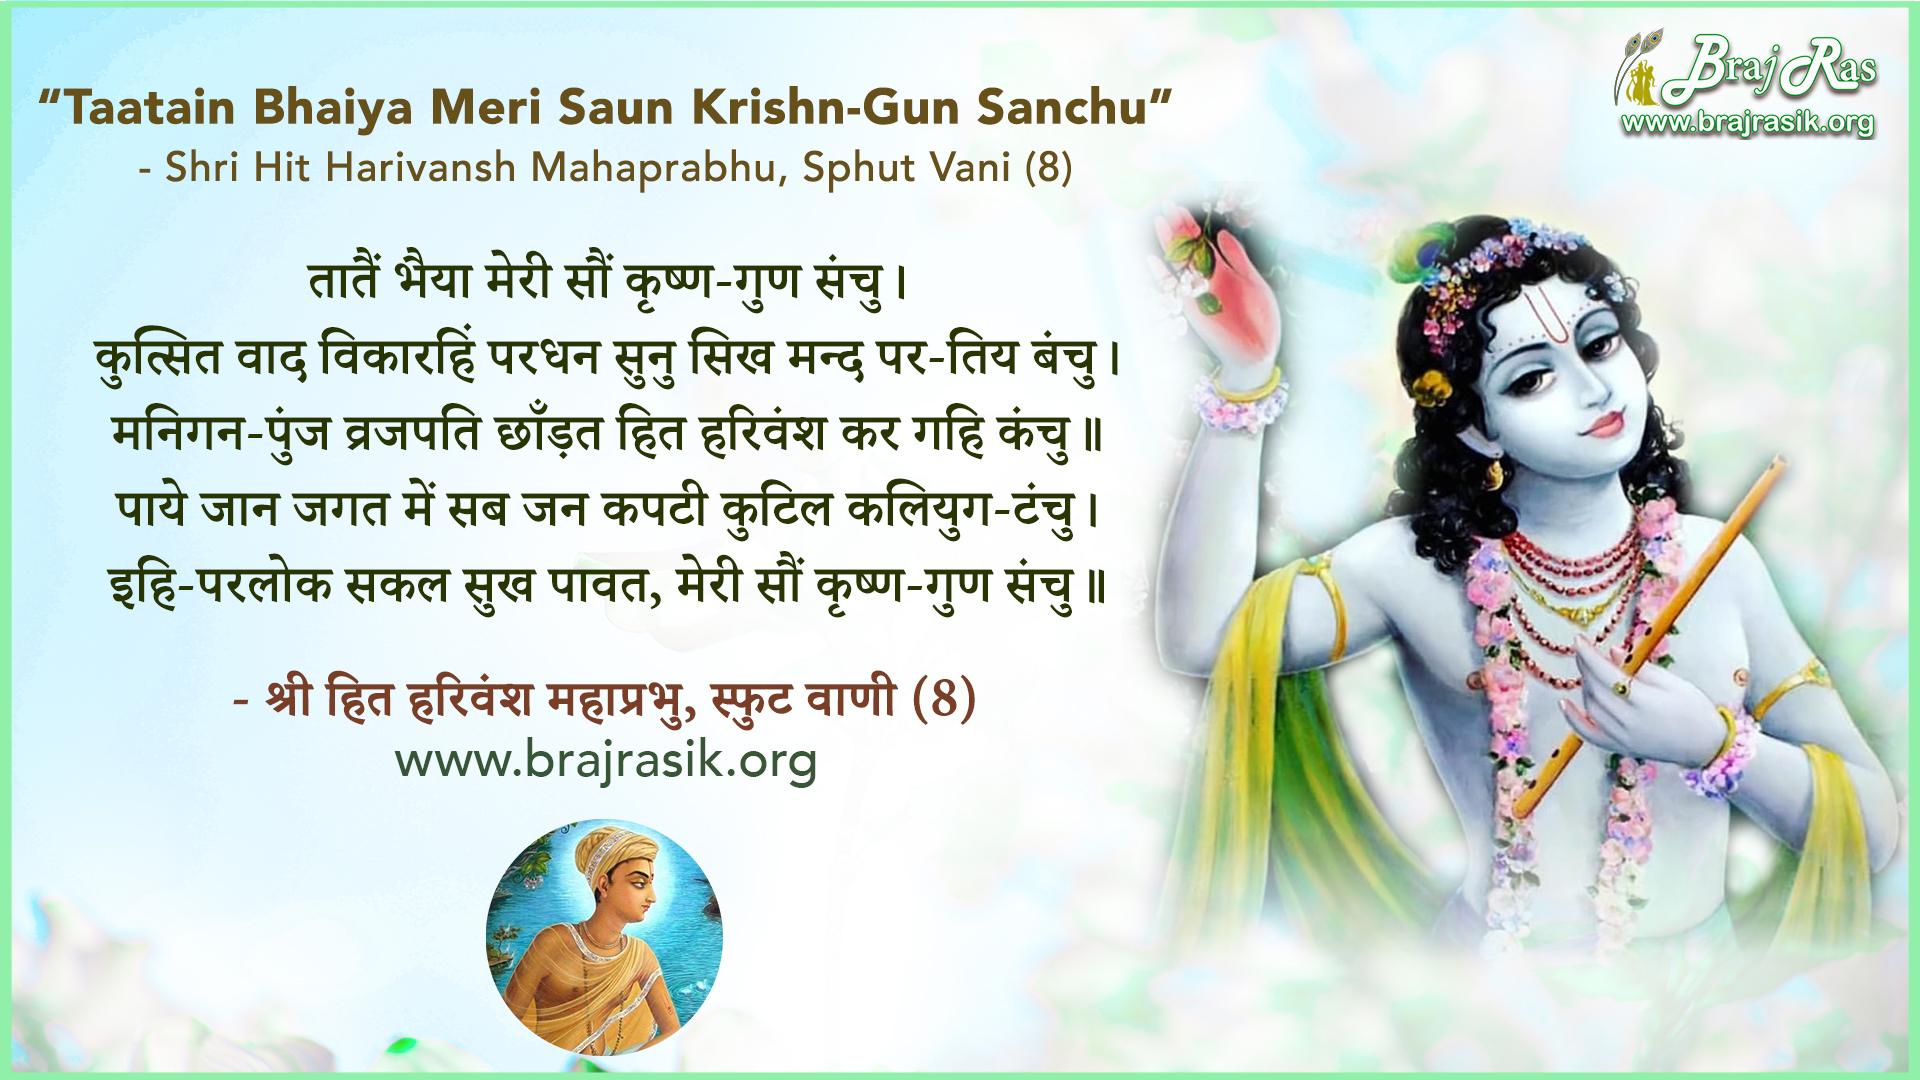 Taatain Bhaiya Meri Saun Krishn-Gun Sanchu - Shri Hit Harivansh Mahaprabhu, Sphut Vani (8)